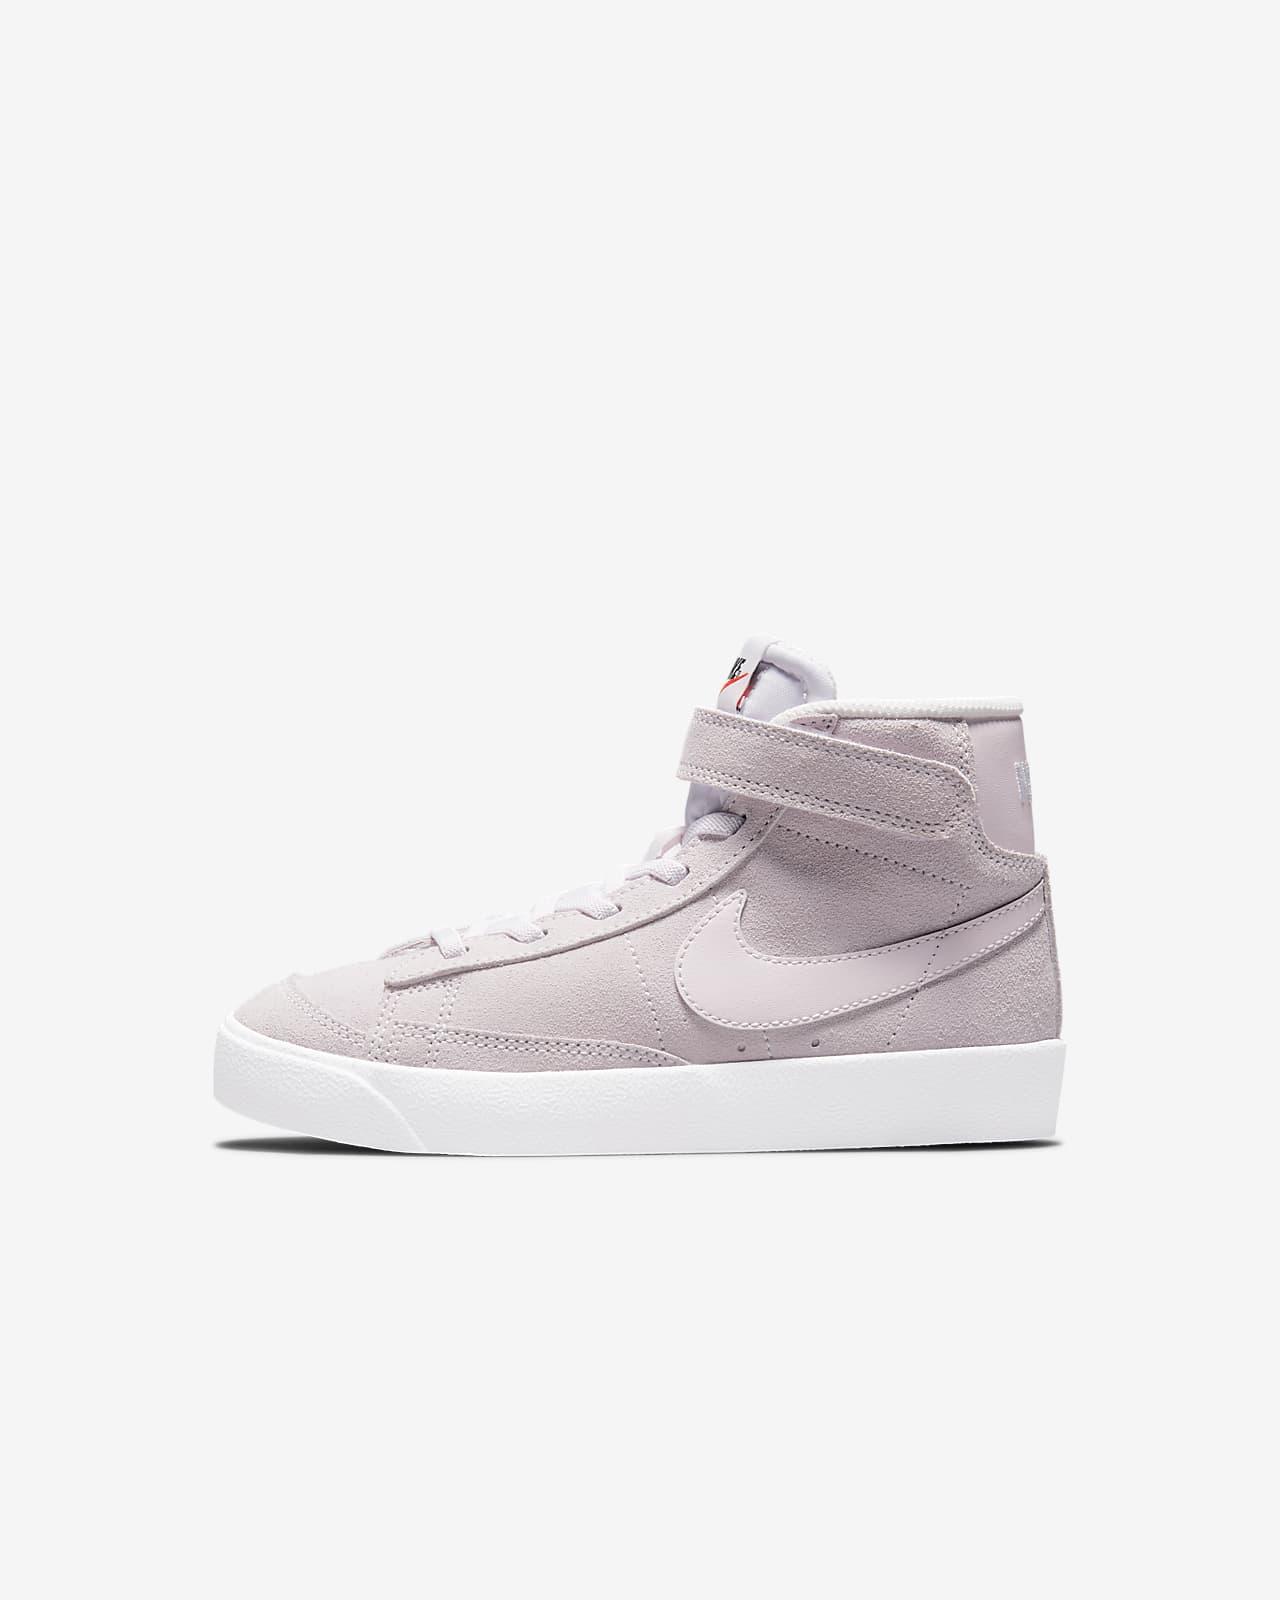 Nike Blazer Mid '77 Suede Little Kids' Shoes